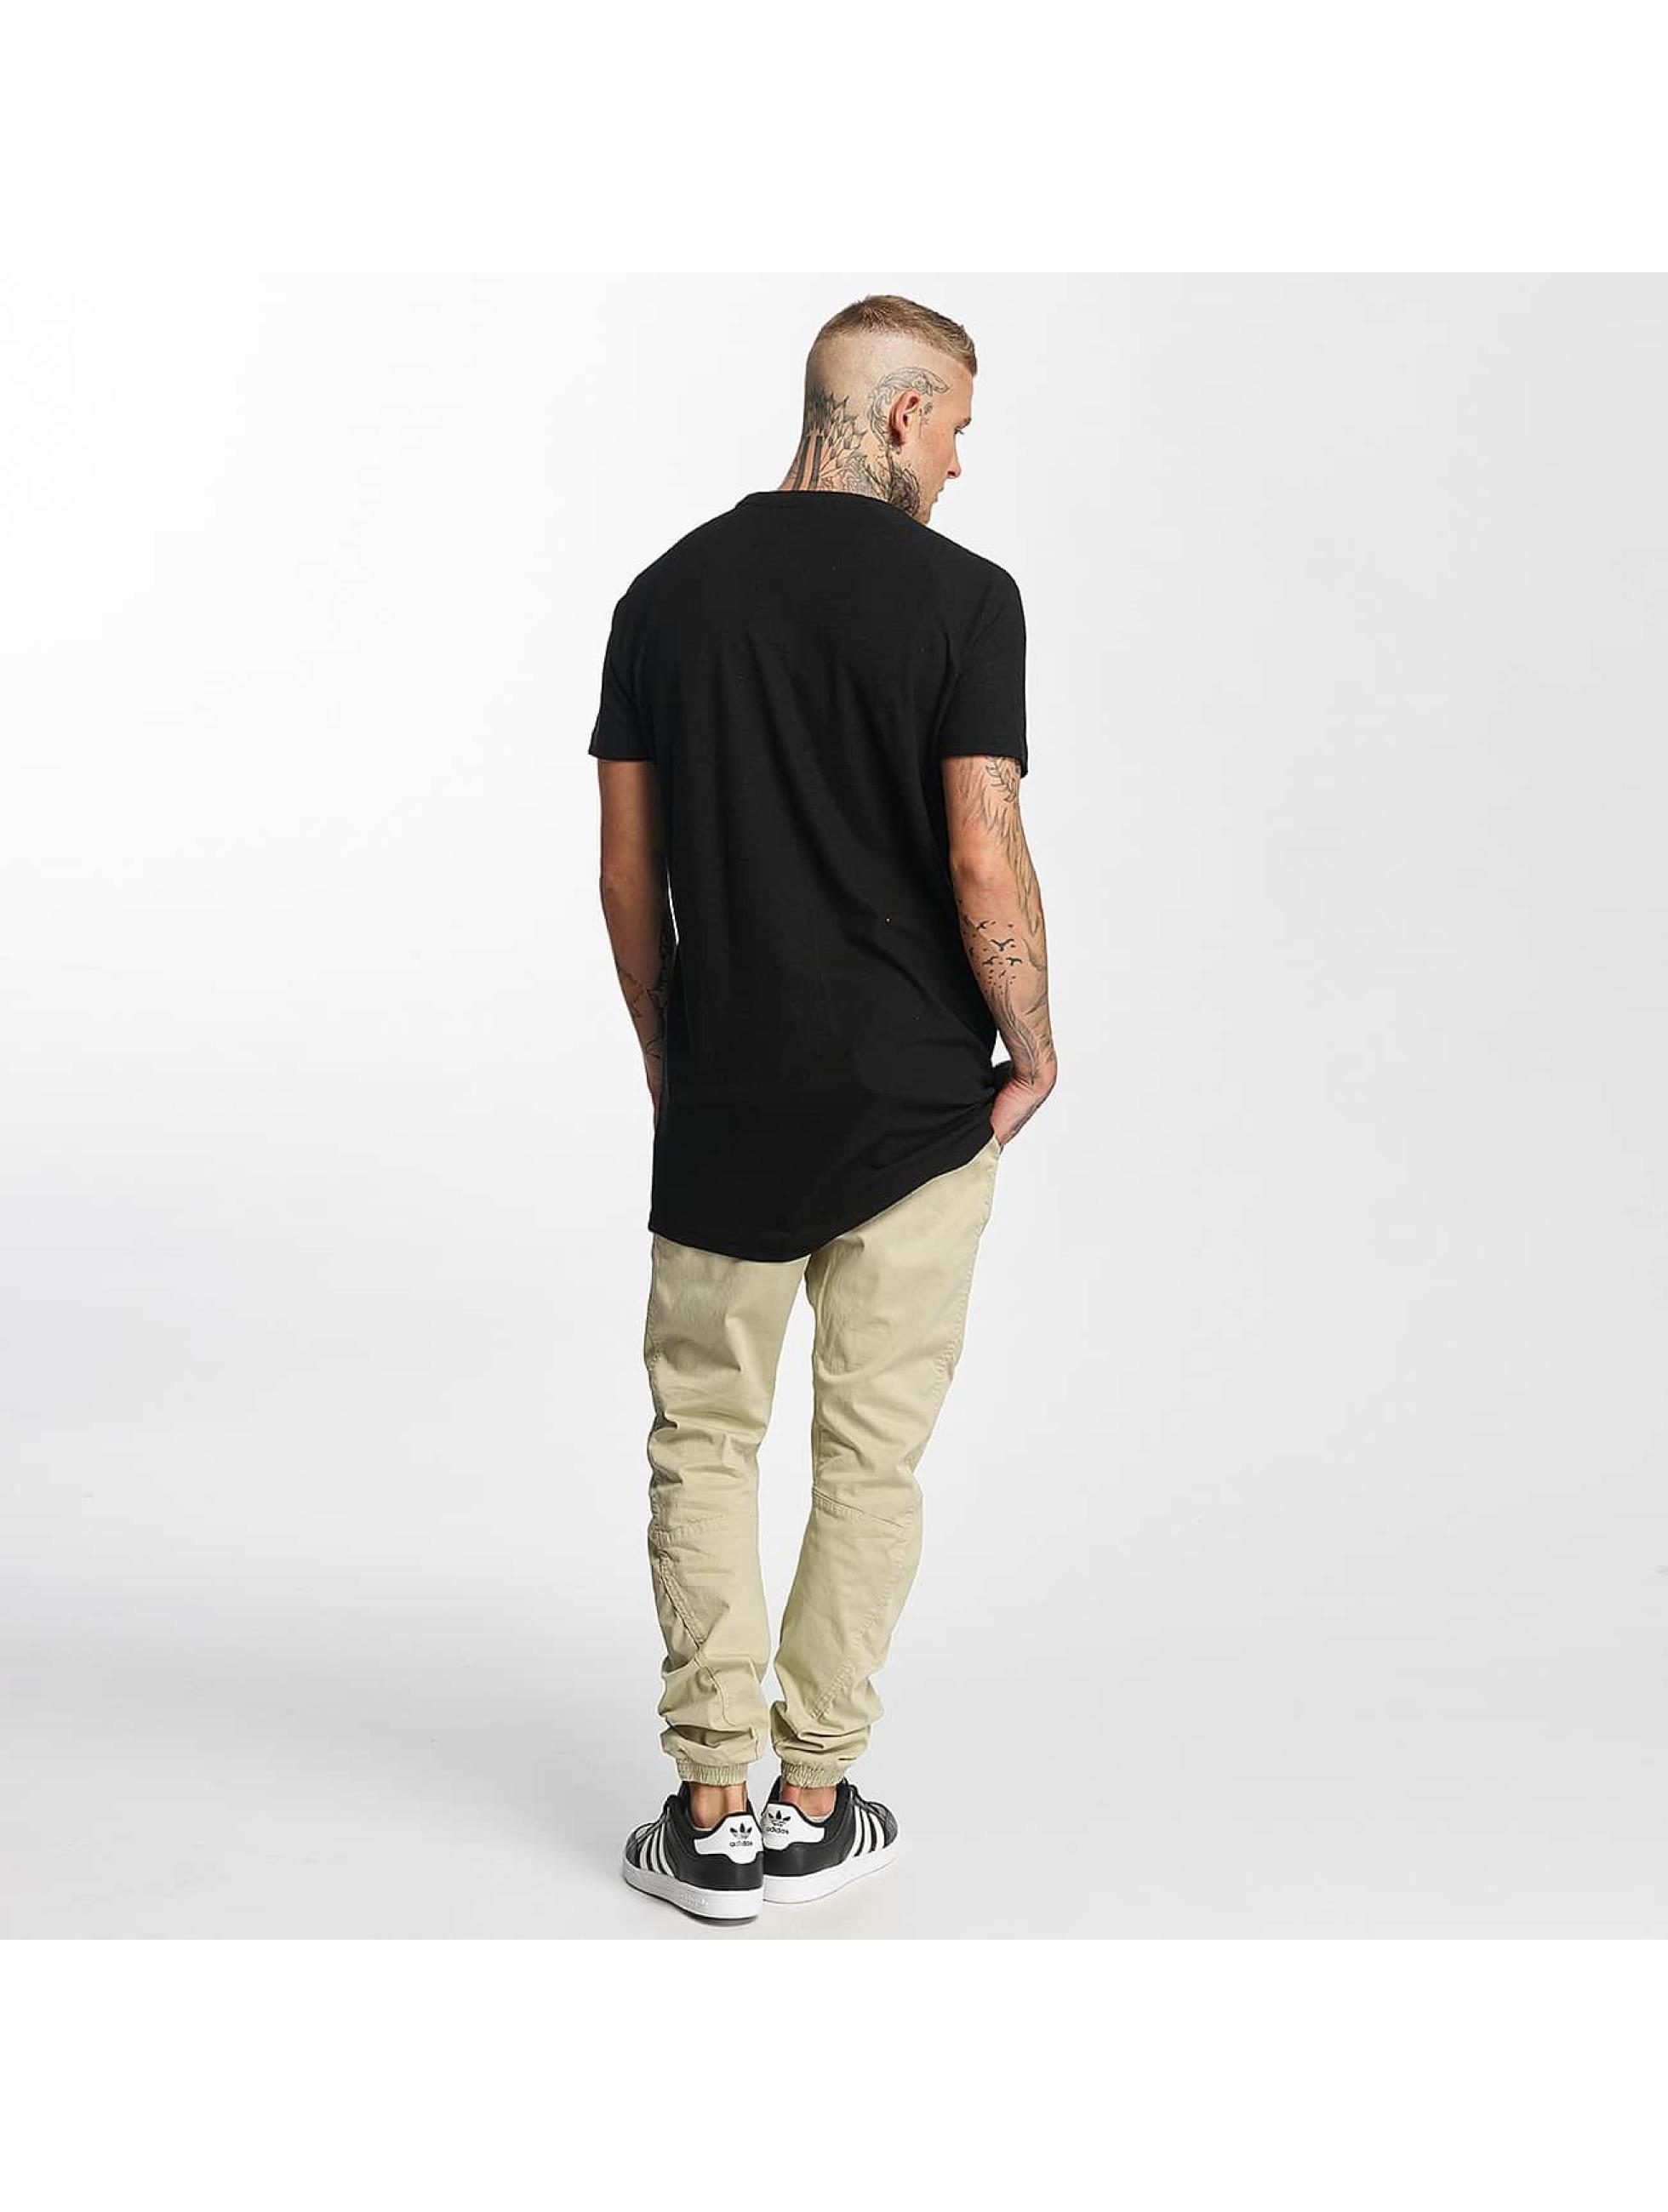 Urban Classics Camiseta Thermal Slub Raglan negro